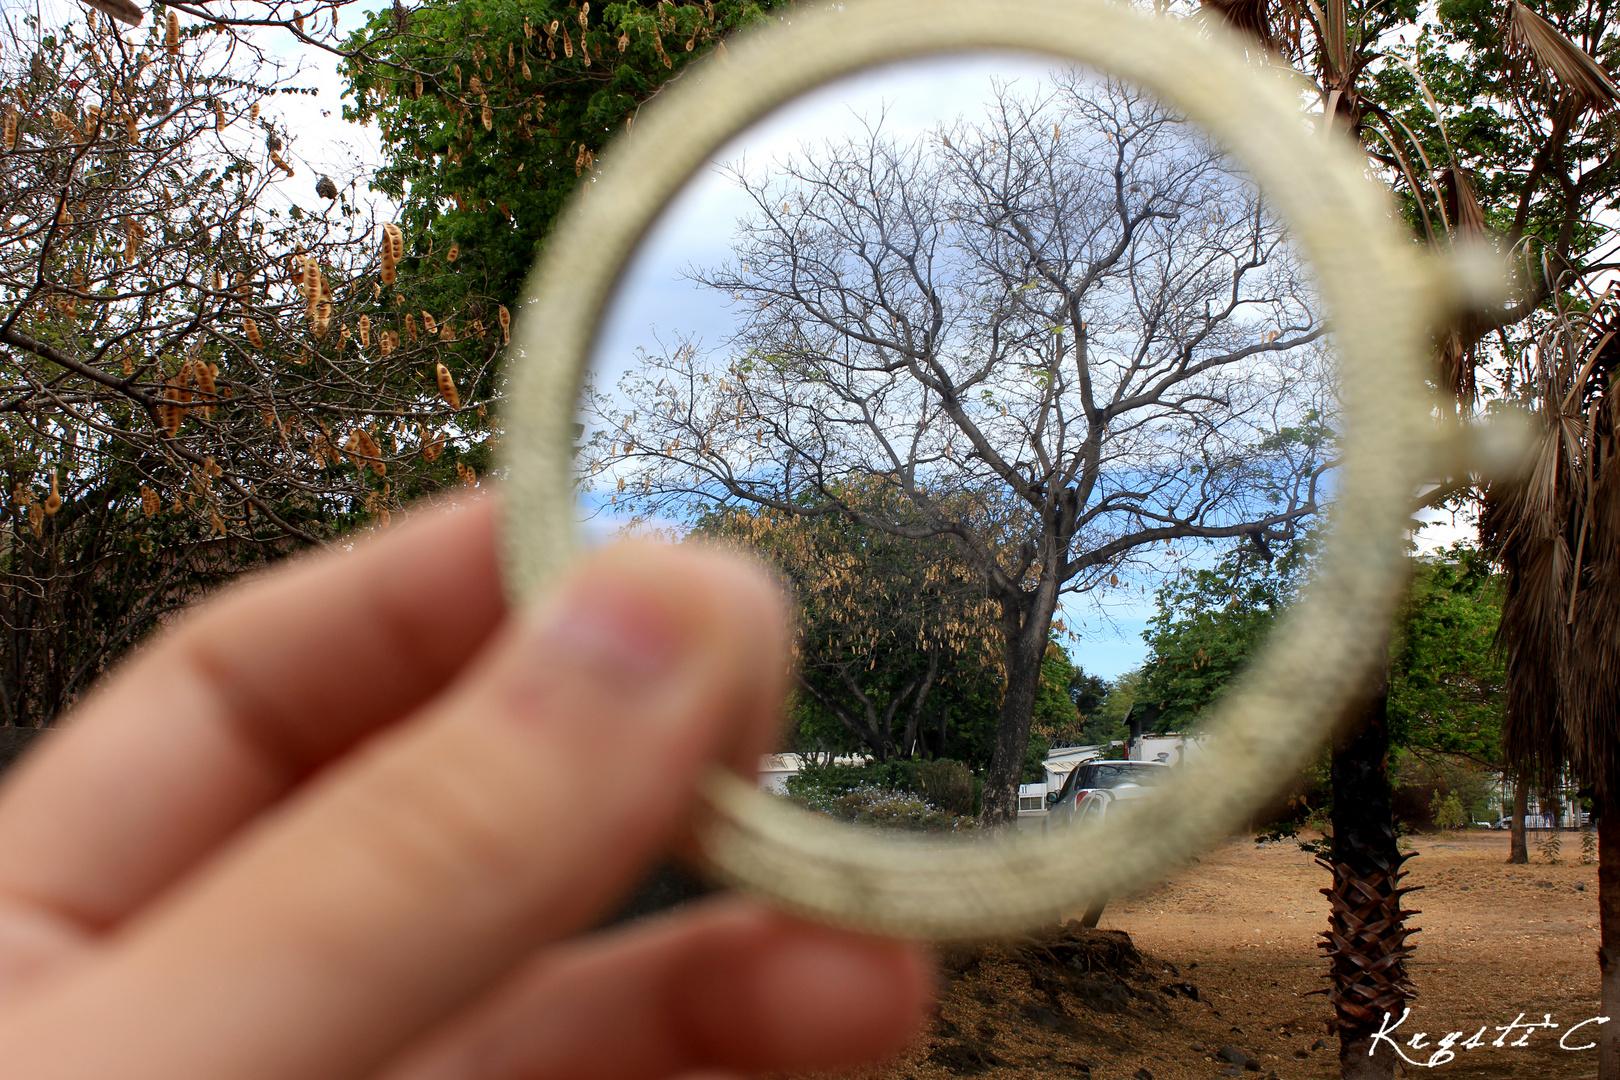 Qu'est ce que tu vois?